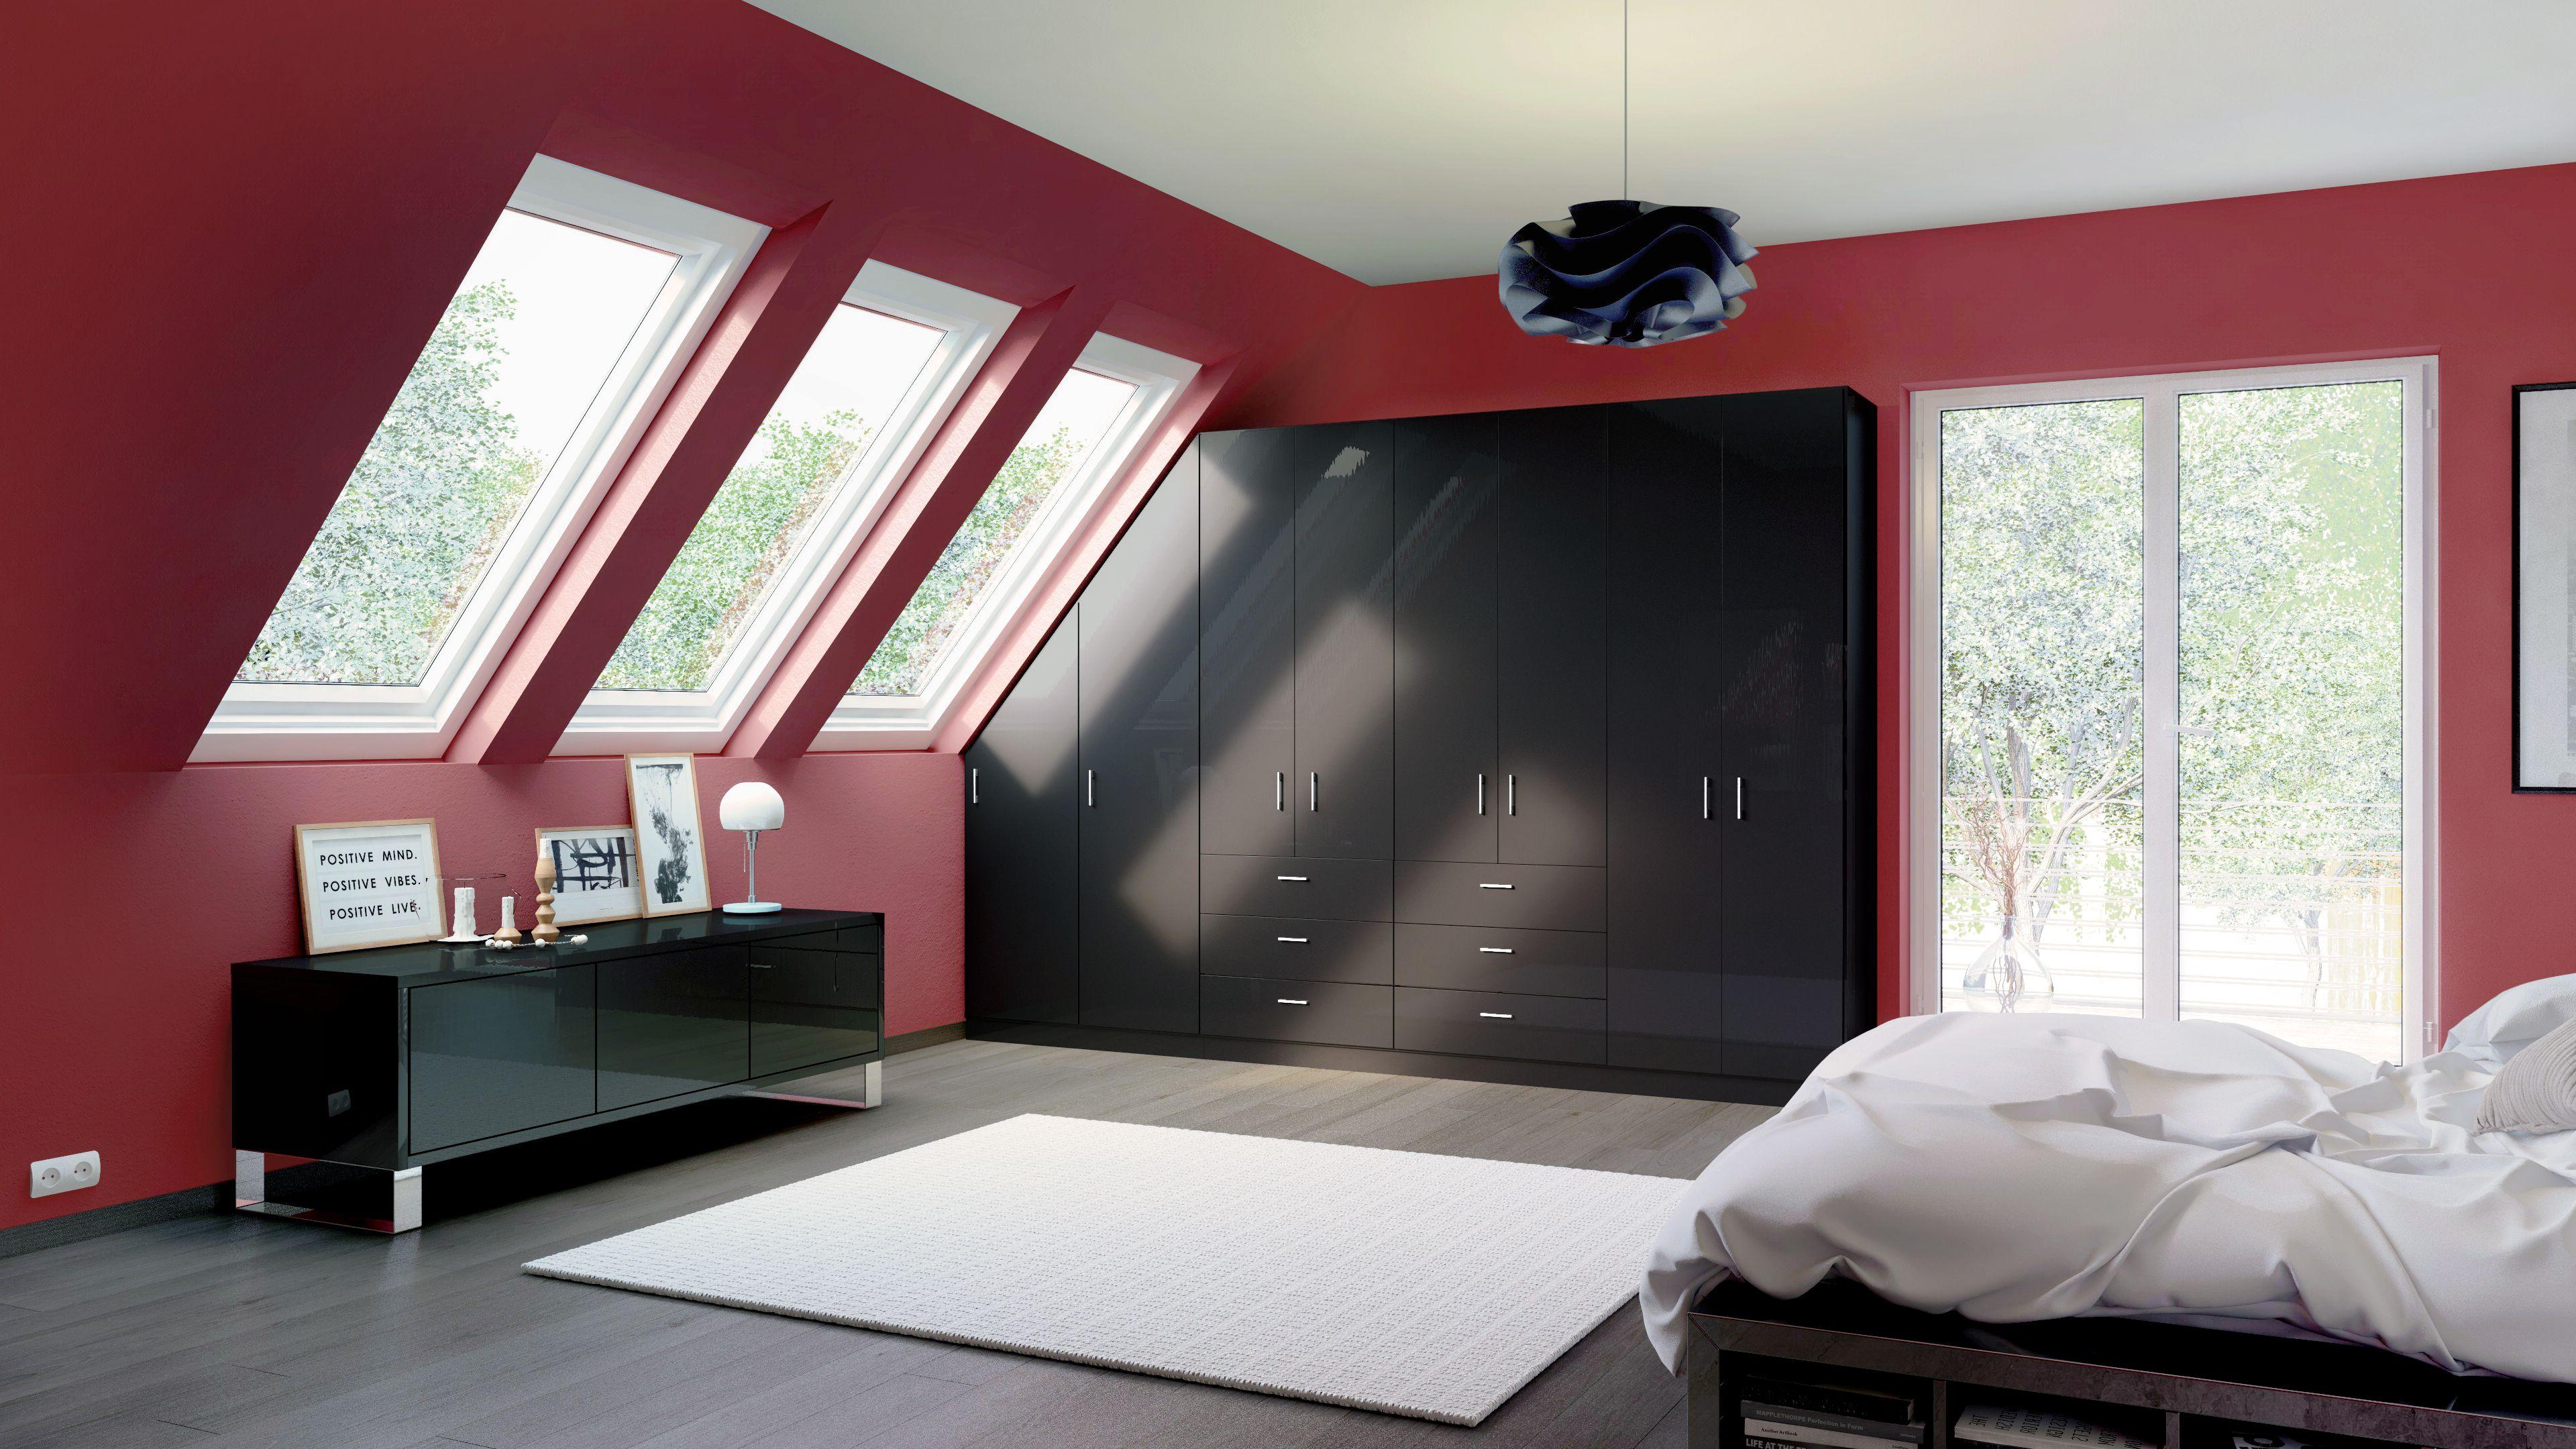 53 Raumteiler Wohnzimmer Schlafzimmer